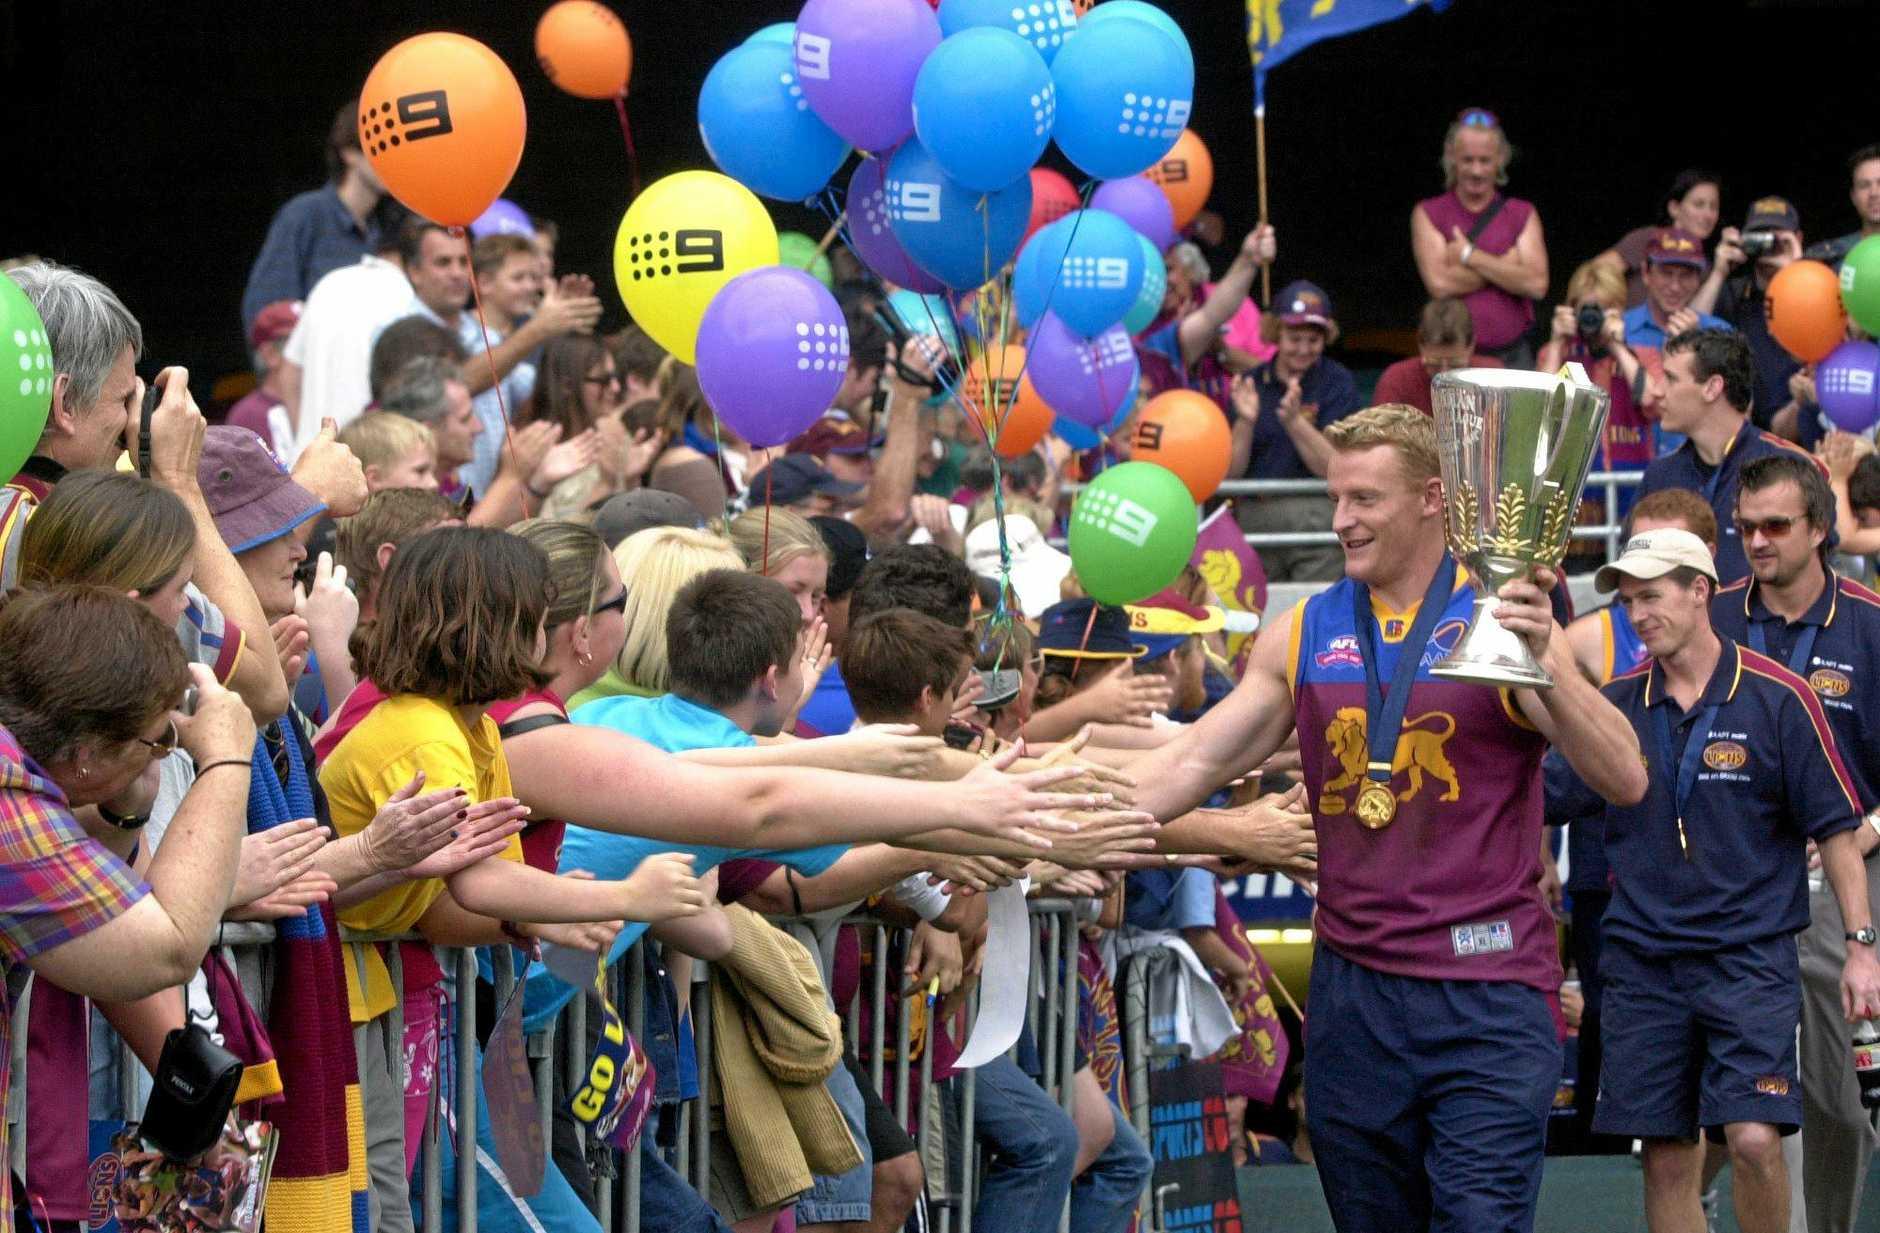 Fans flock to celebrate the Brisbane Lions 2002 premiership success.